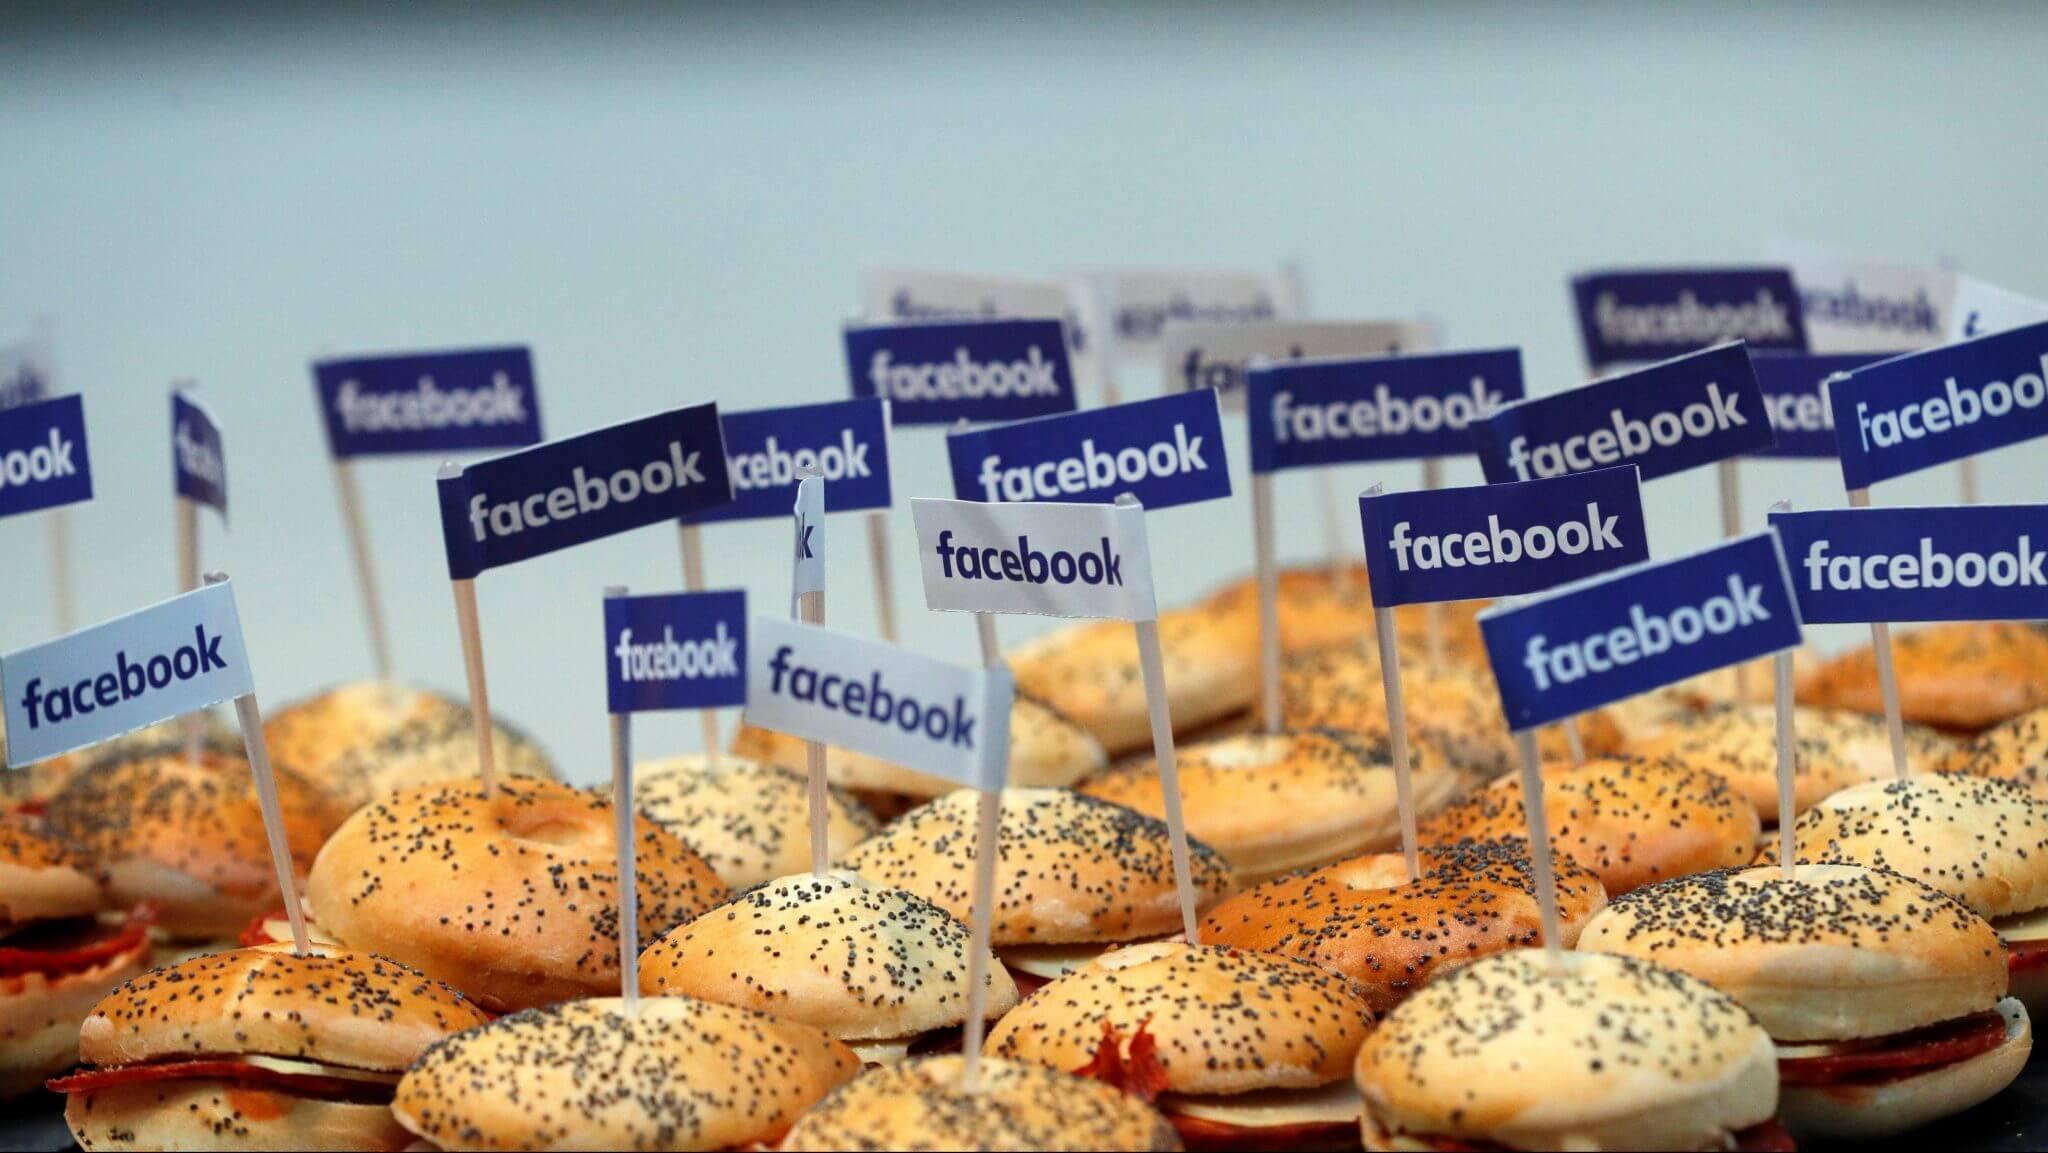 facebook mini burgers e1507912166386 - Usuários nos EUA agora podem pedir comida pelo Facebook